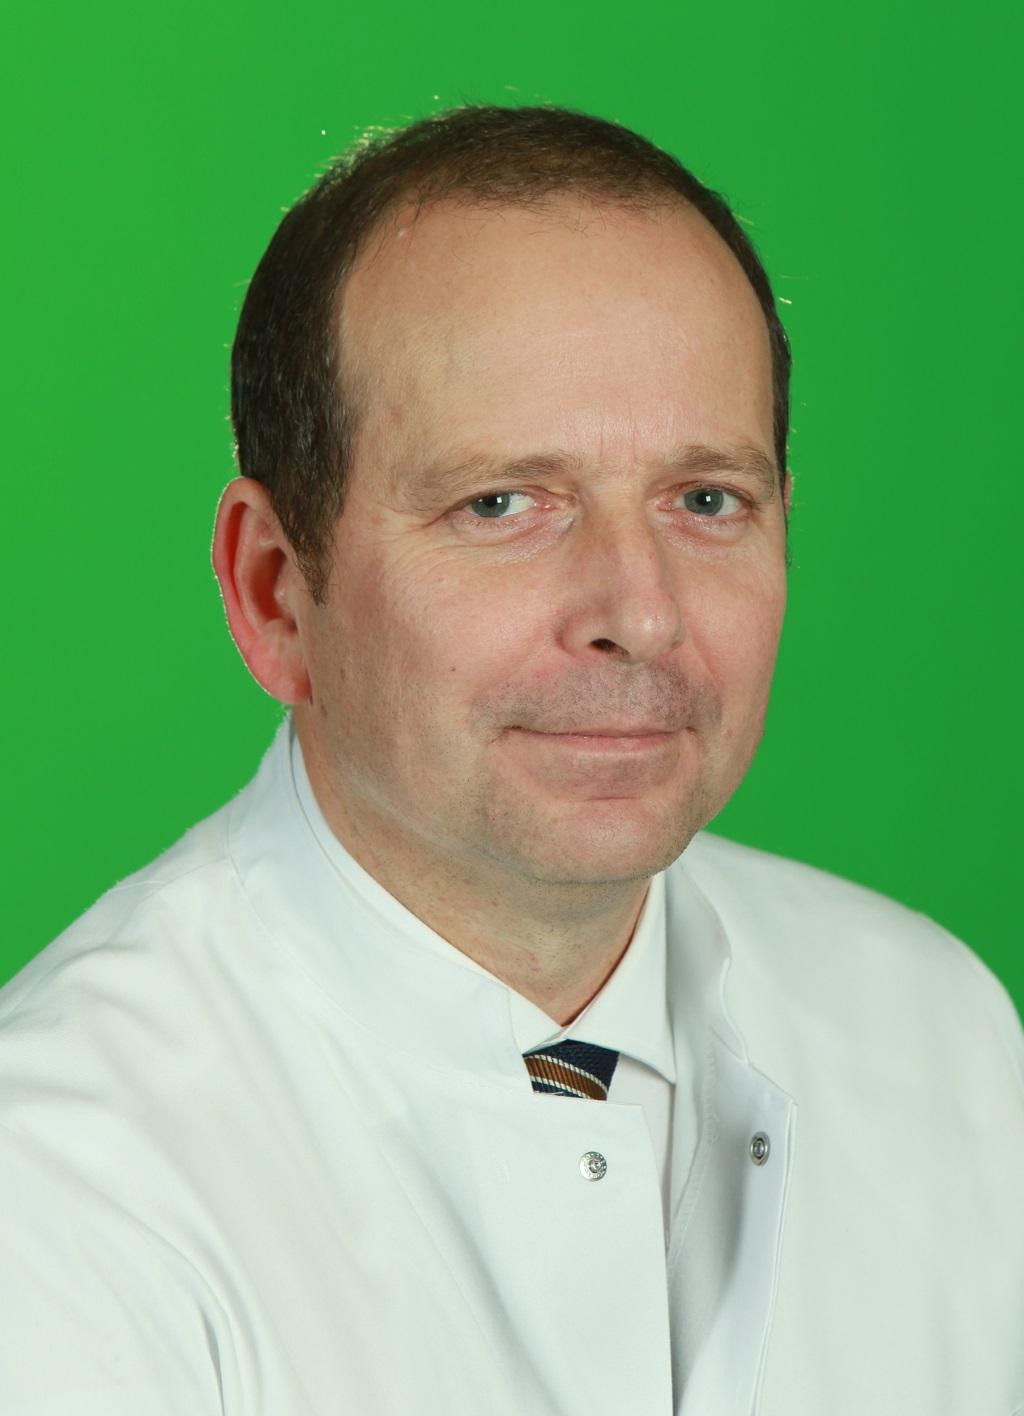 Dr. Udo Huberts ist Chefarzt und Leiter des Gefäßzentrums Kplus in Haan. (Foto: KPlus Gruppe)